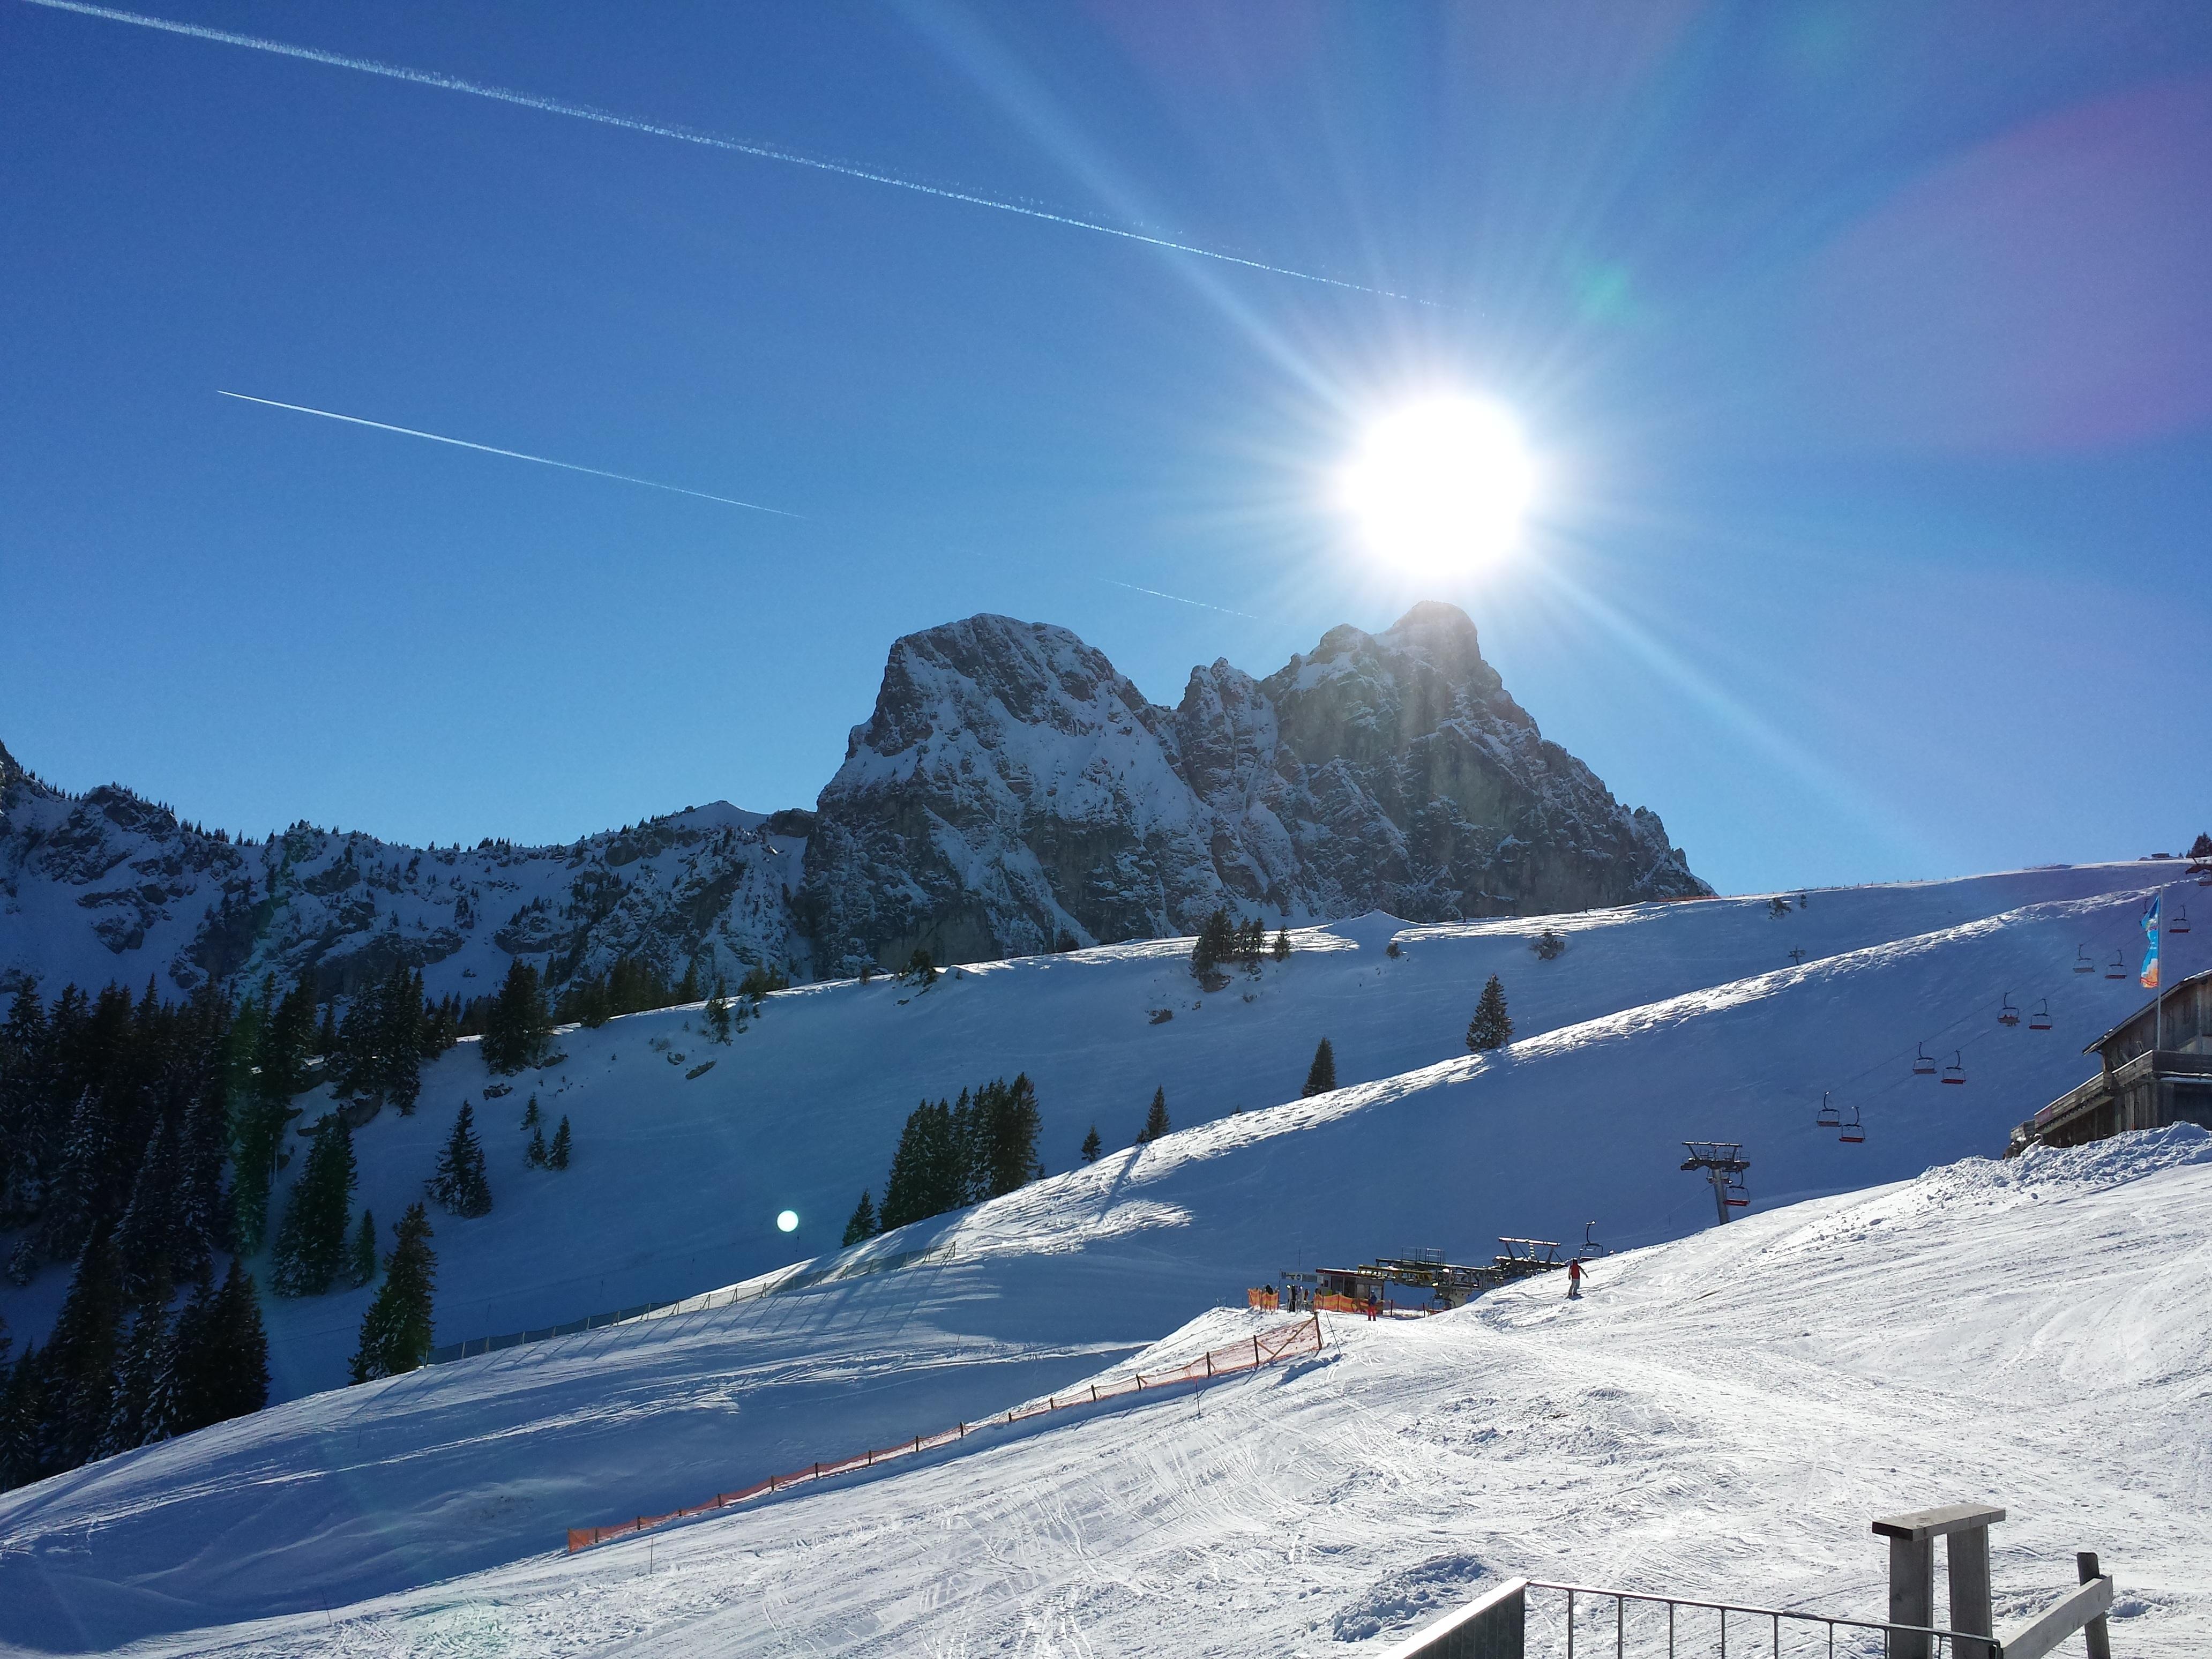 густой куст как фотографировать горы зимой надпечатки ставились поддельных